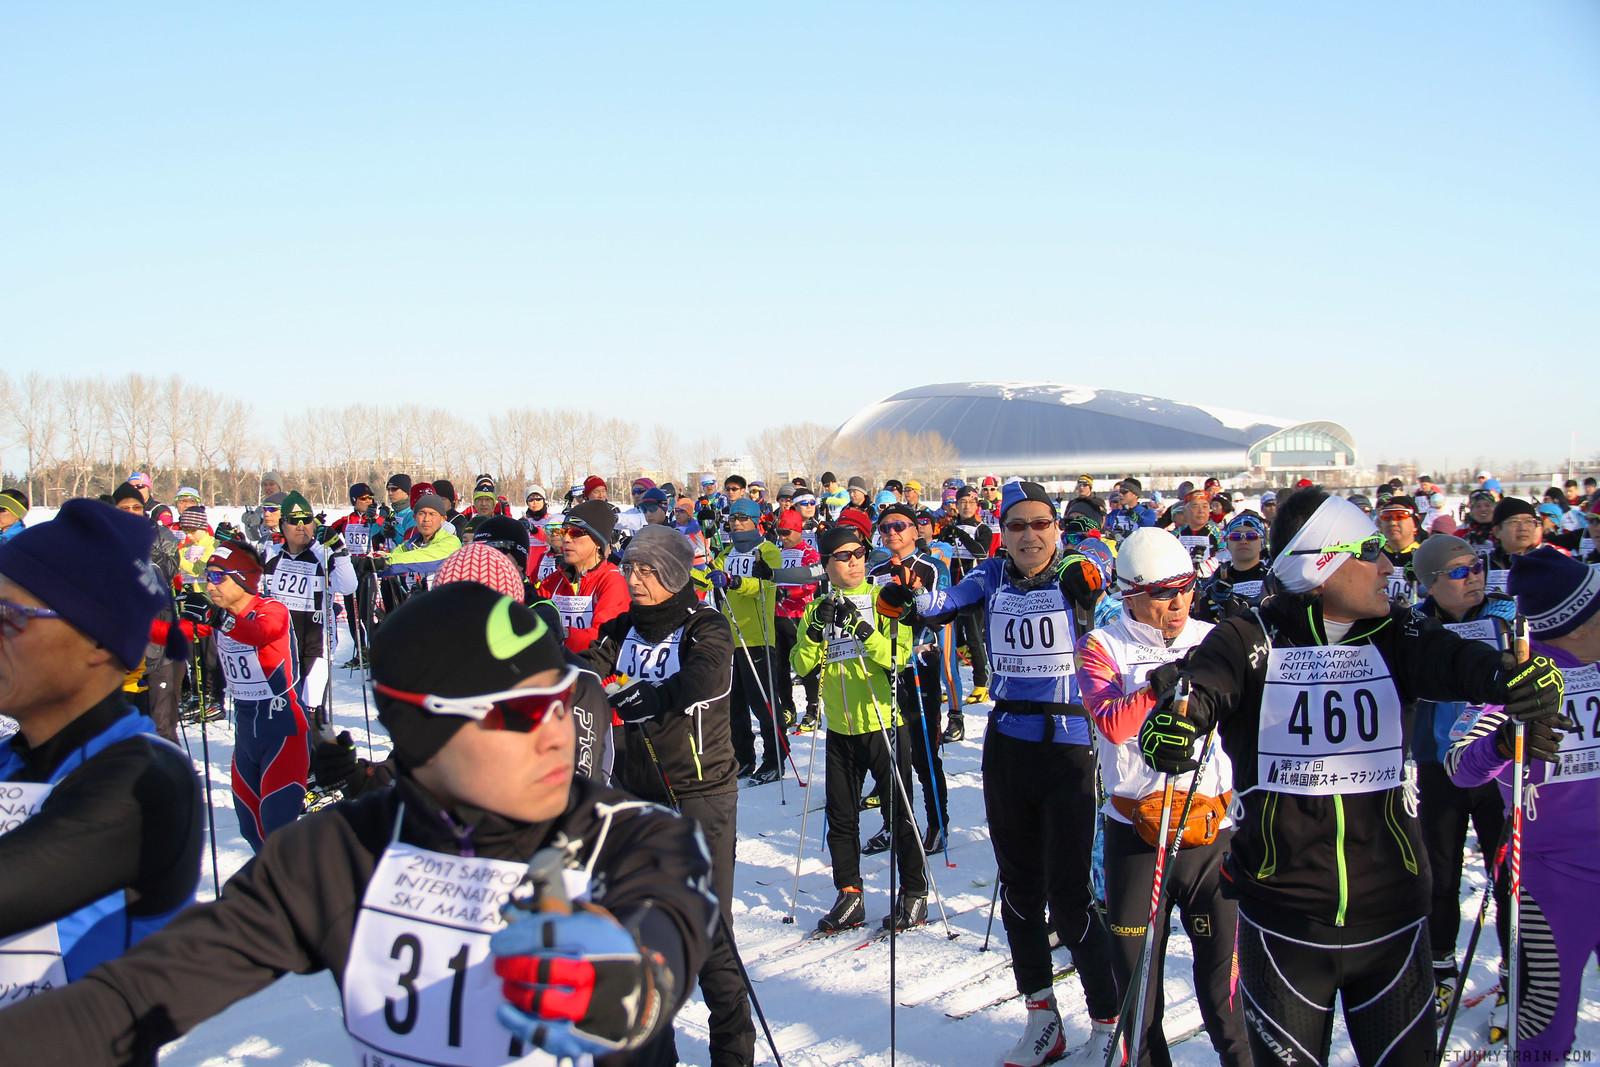 32536691520 9b41e05d42 h - Sapporo Snow And Smile: 8 Unforgettable Winter Experiences in Sapporo City